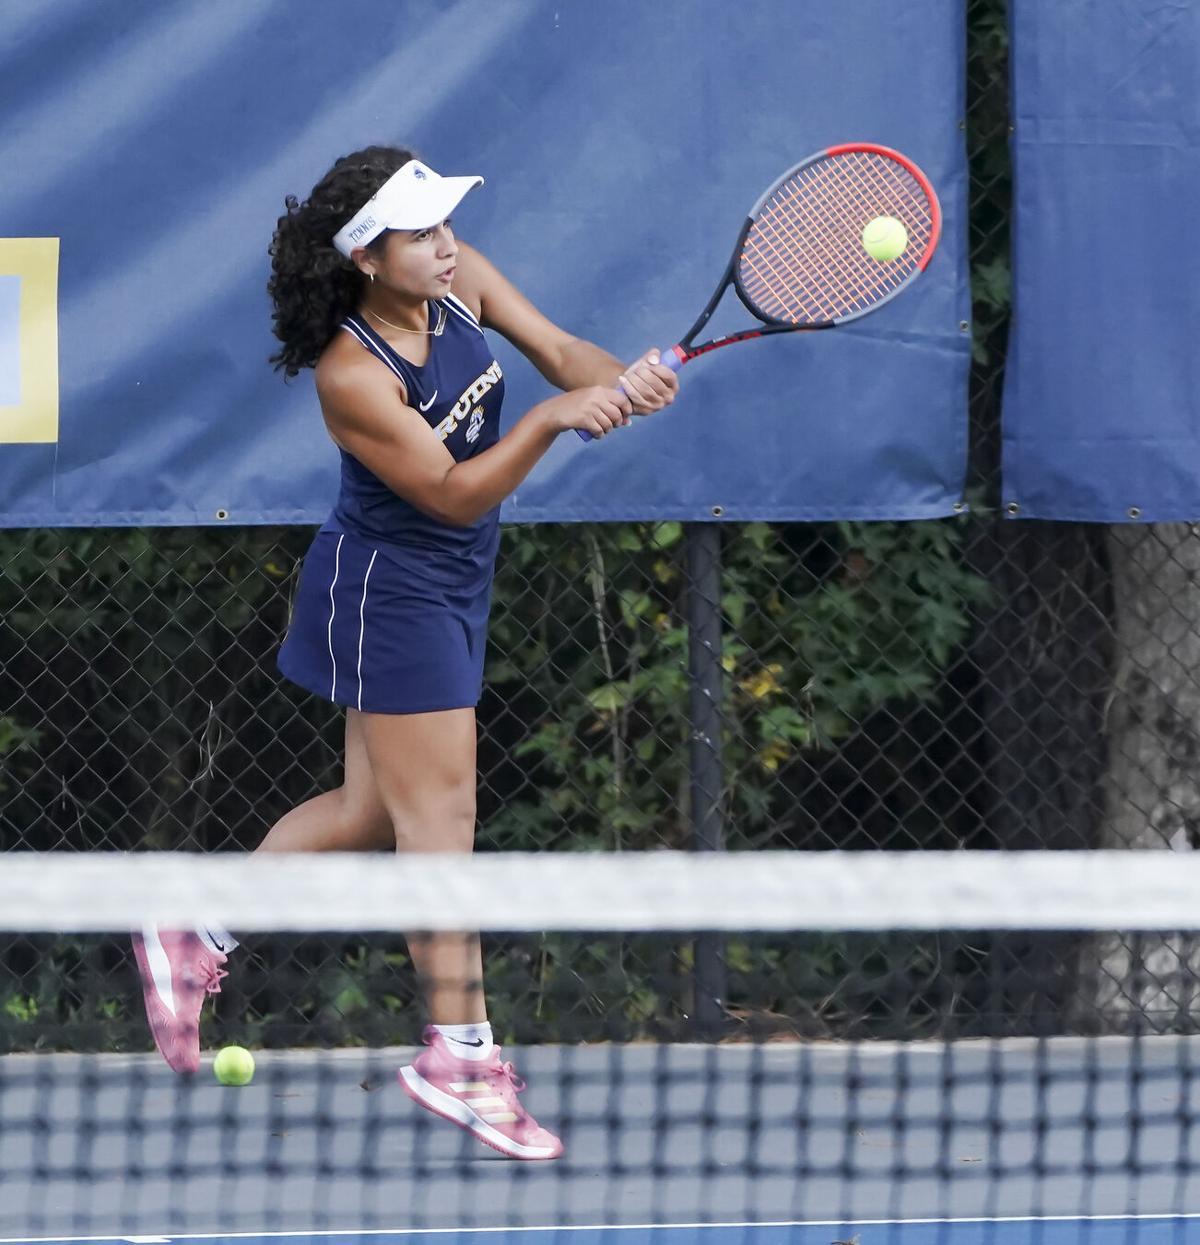 South Florence vs. Hartsville girls tennis match